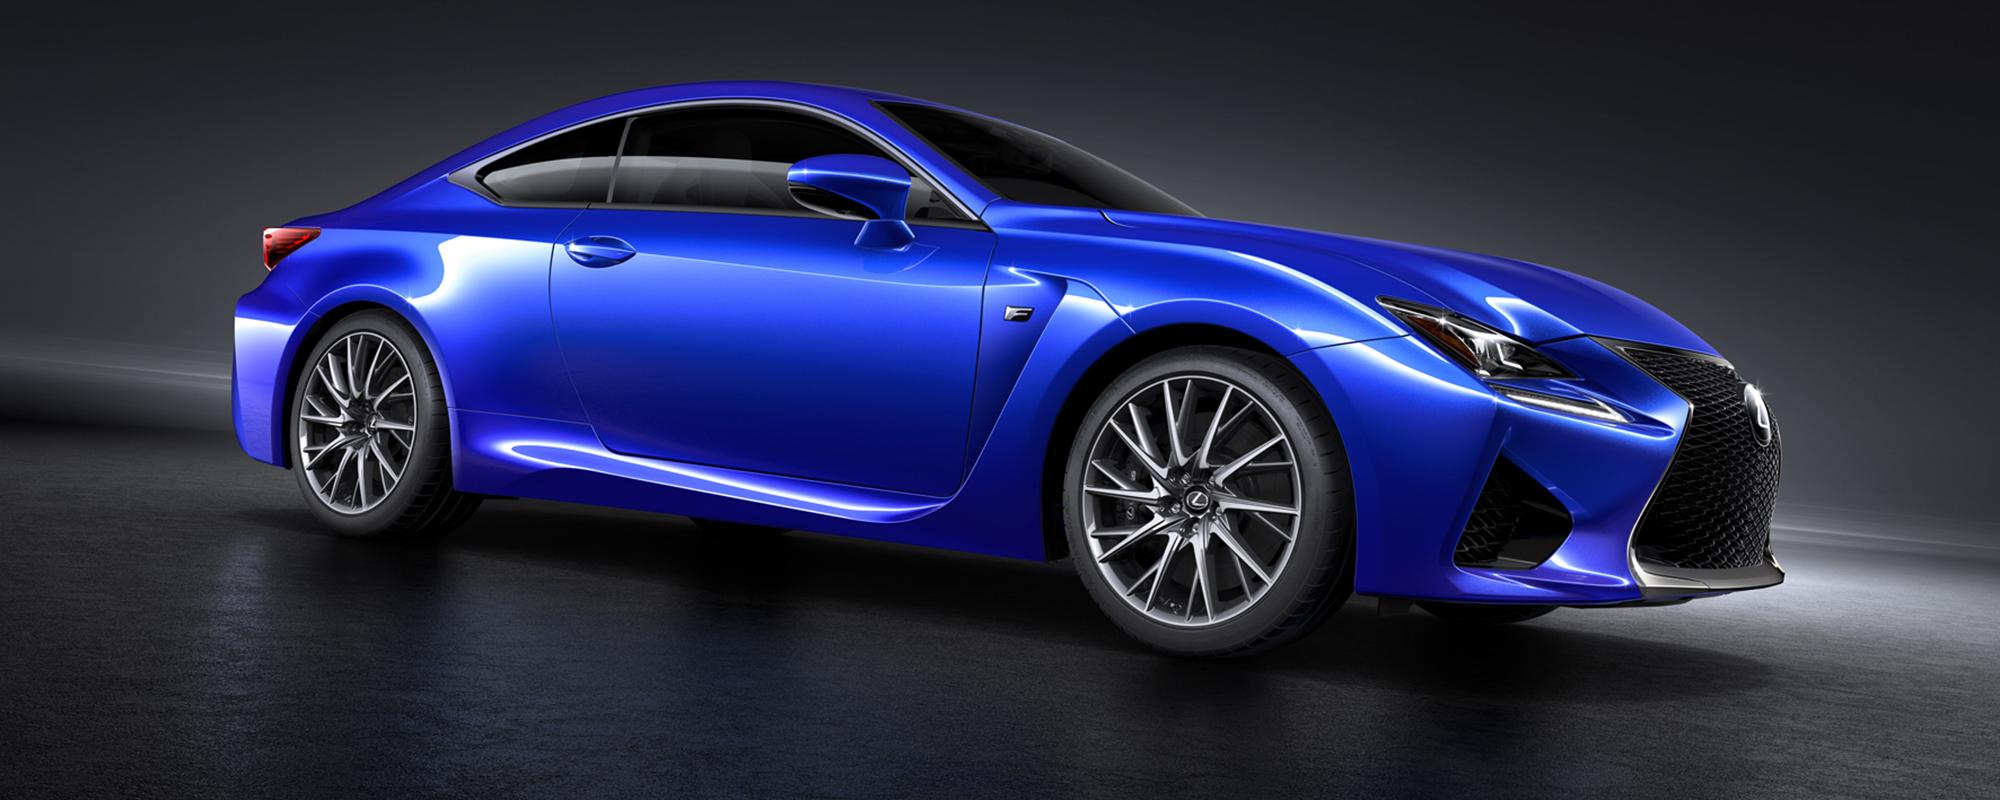 Ultieme rijprestaties: Krachtige V8 met meer dan 450 pk voor LexusnieuweRCF